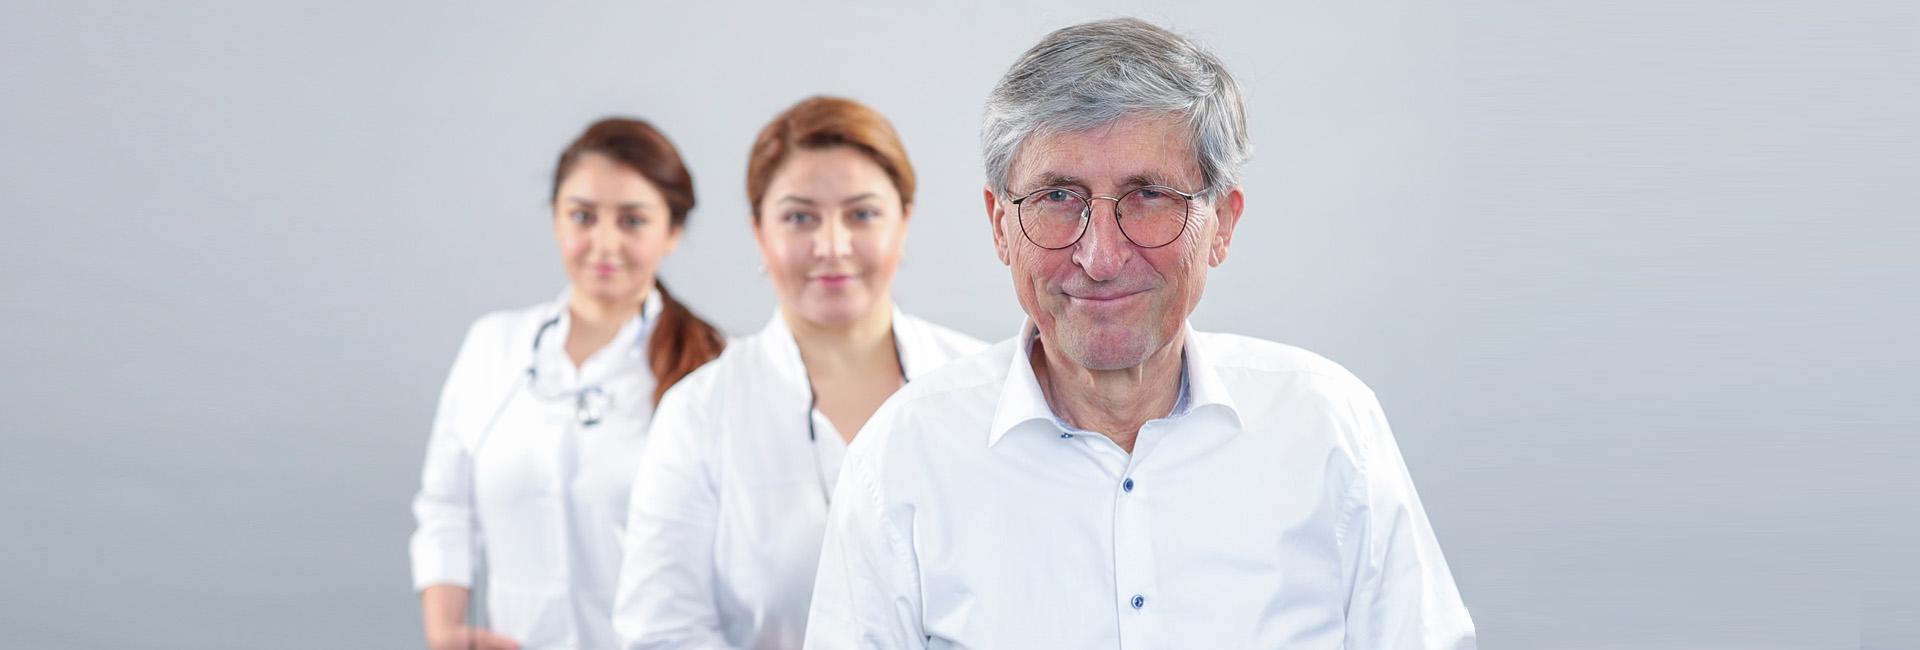 zahnarzt-tornesch-dr-andreas-pappert-dentalmedizin